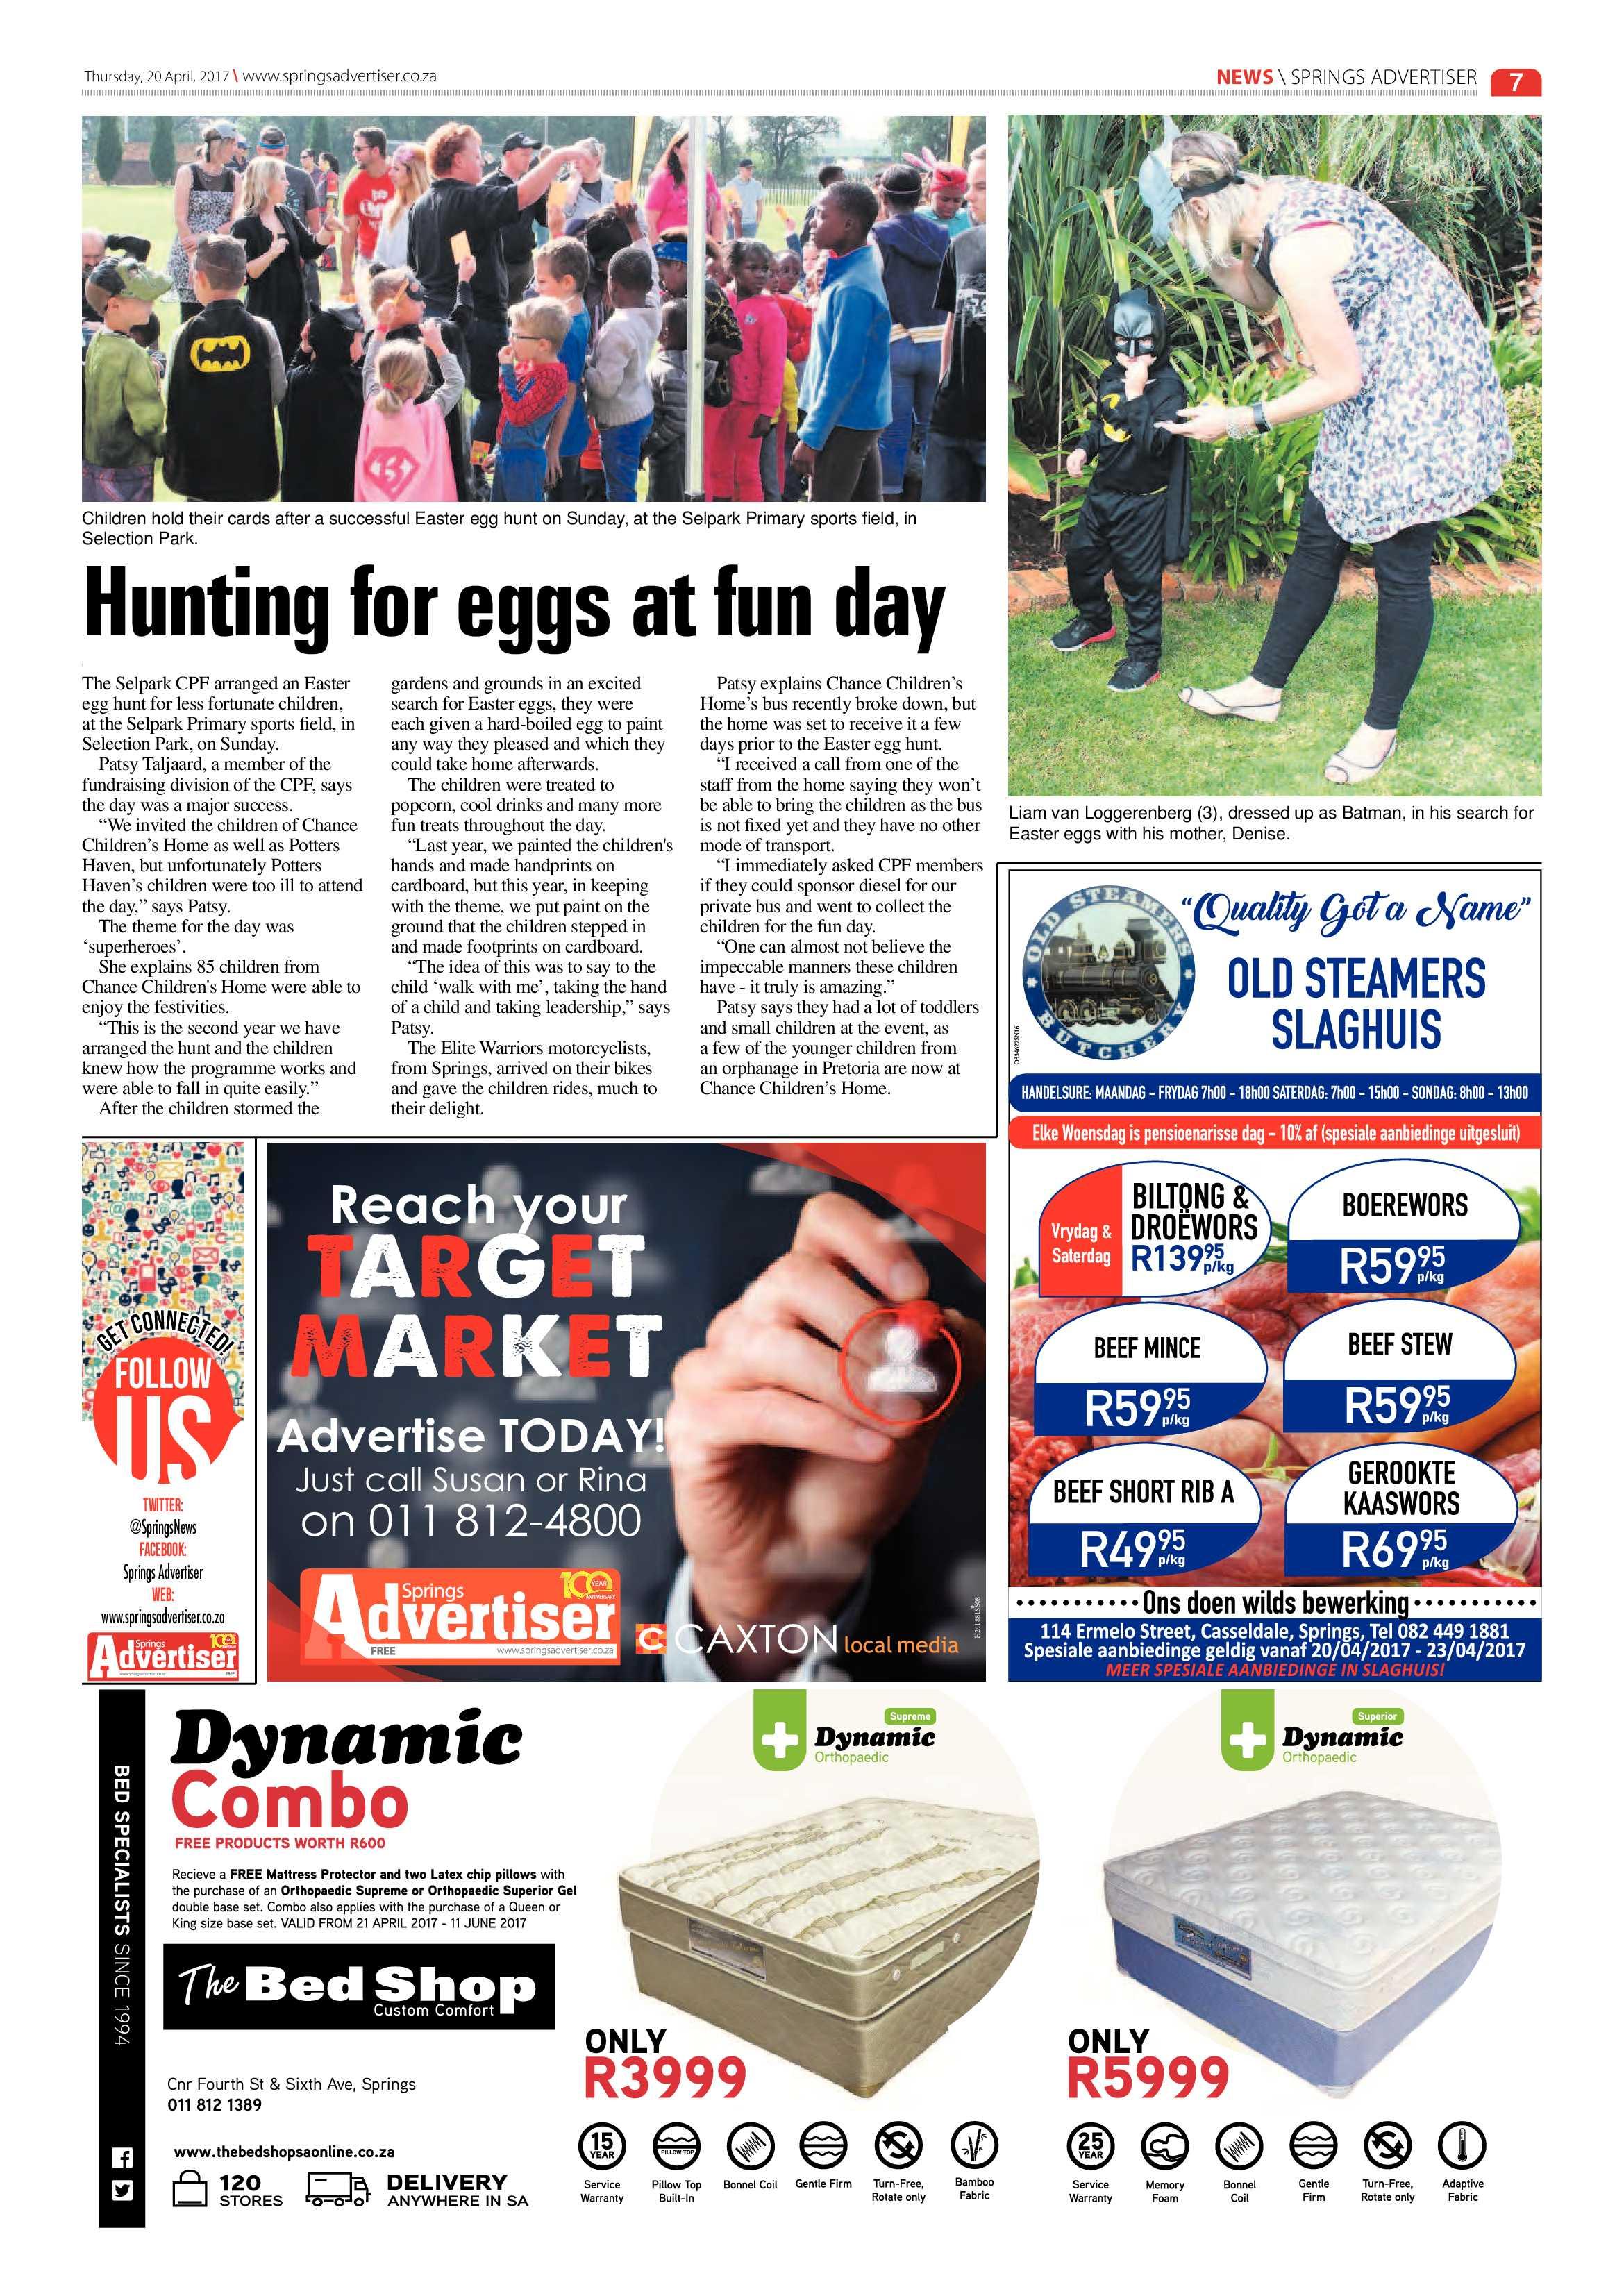 springs-advertiser-2-april-2017-epapers-page-7